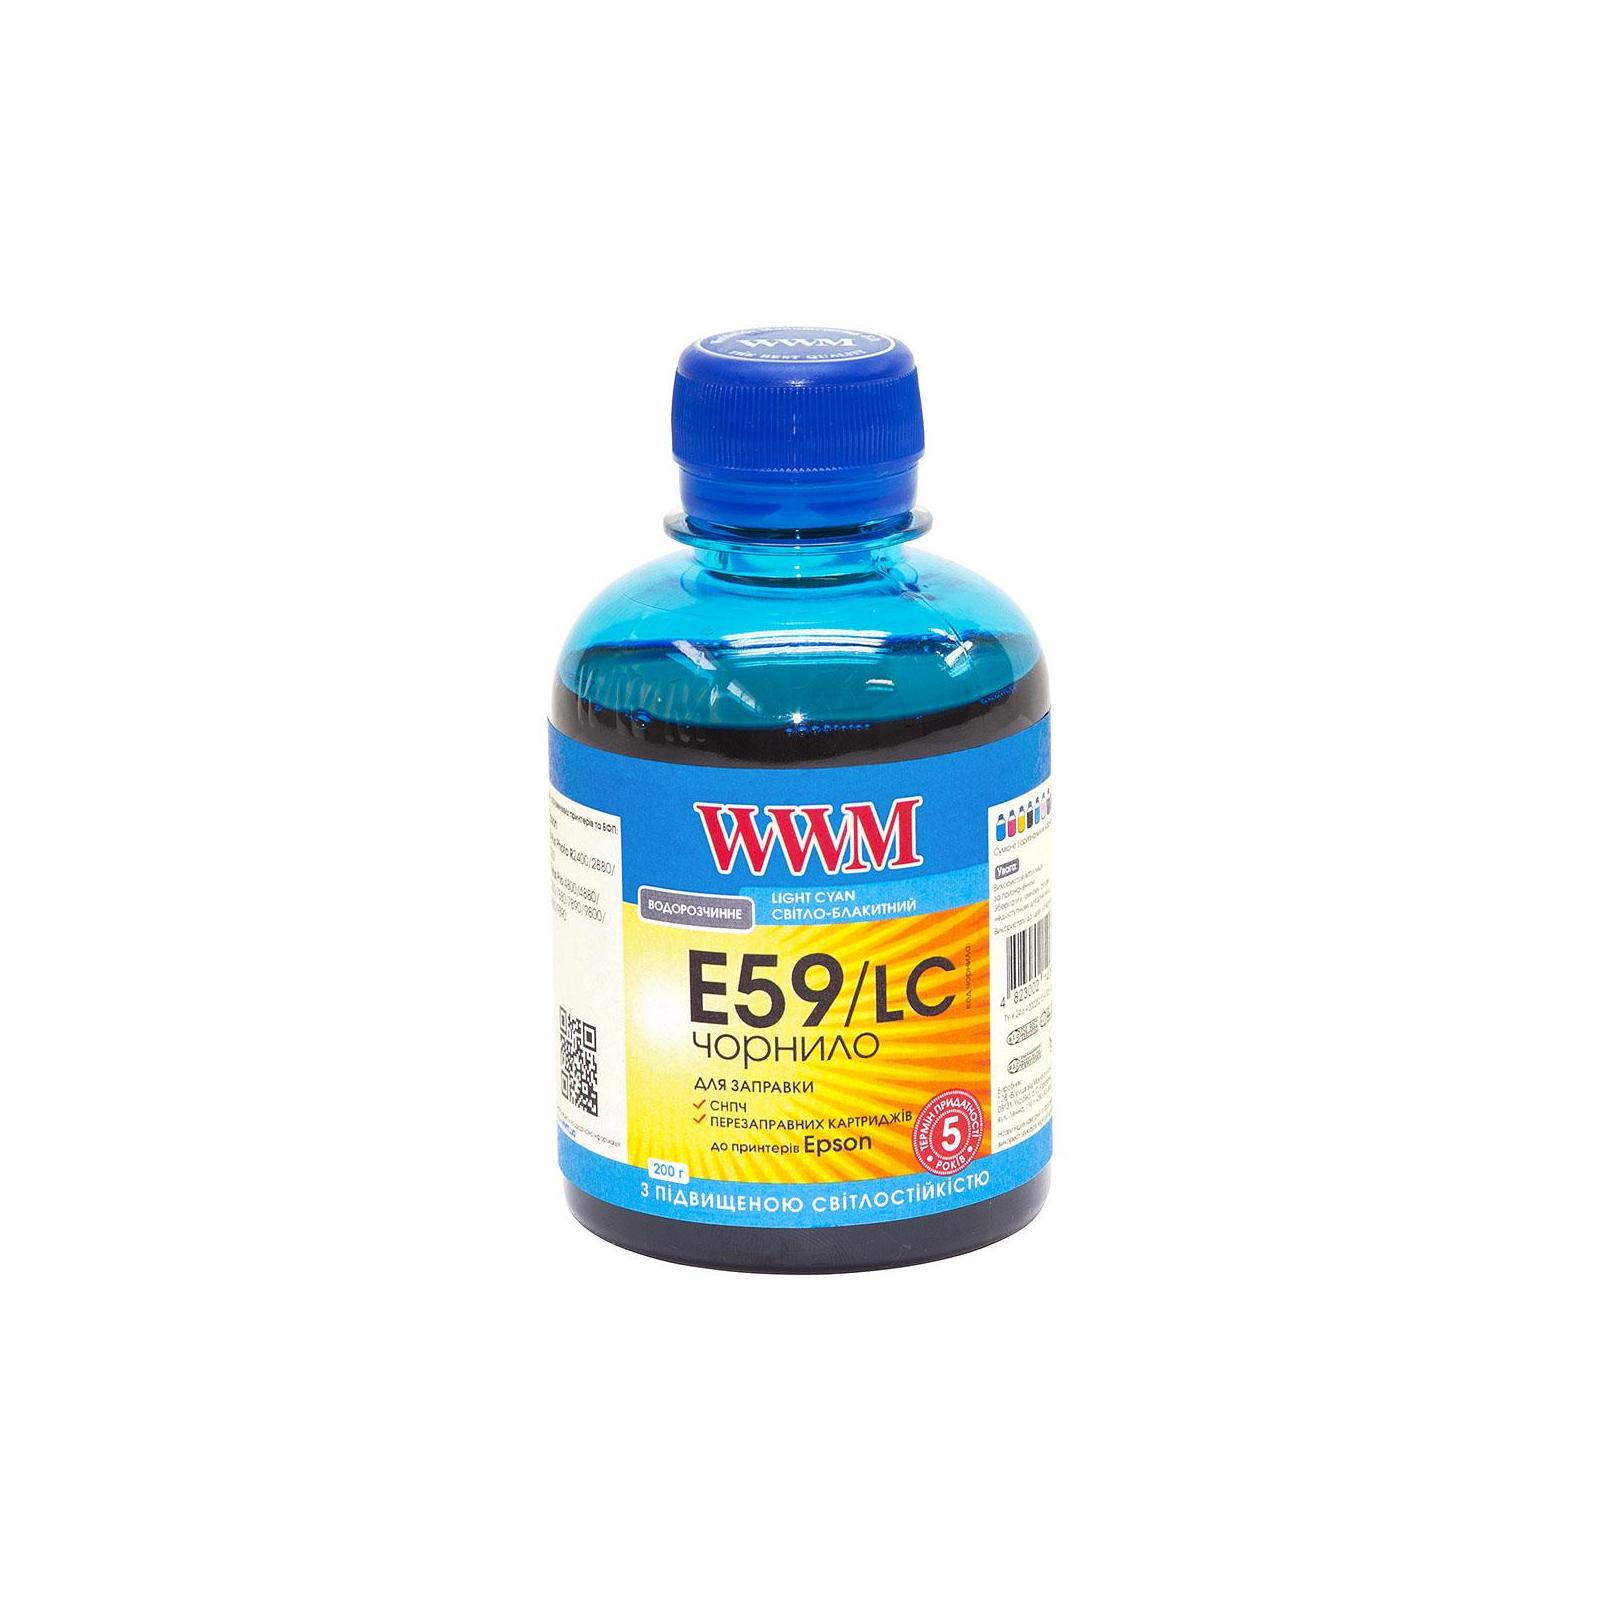 Чернила WWM EPSON StPro 7890/9890 Light Cyan (E59/LC)